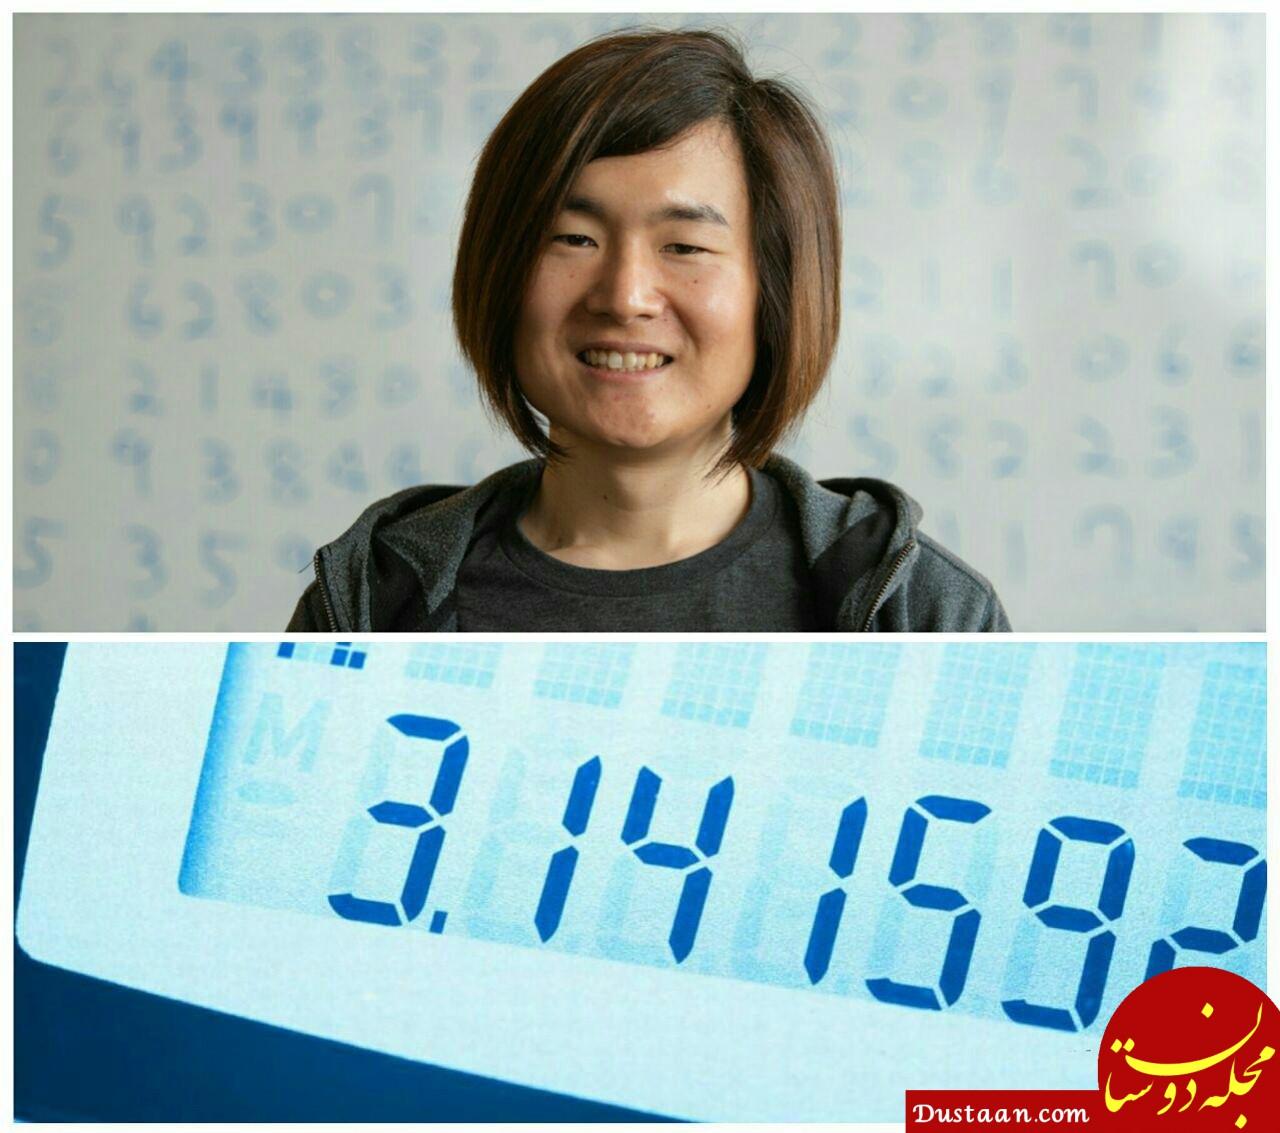 این زن رکورد محاسبه عدد پی رو شکست +عکس